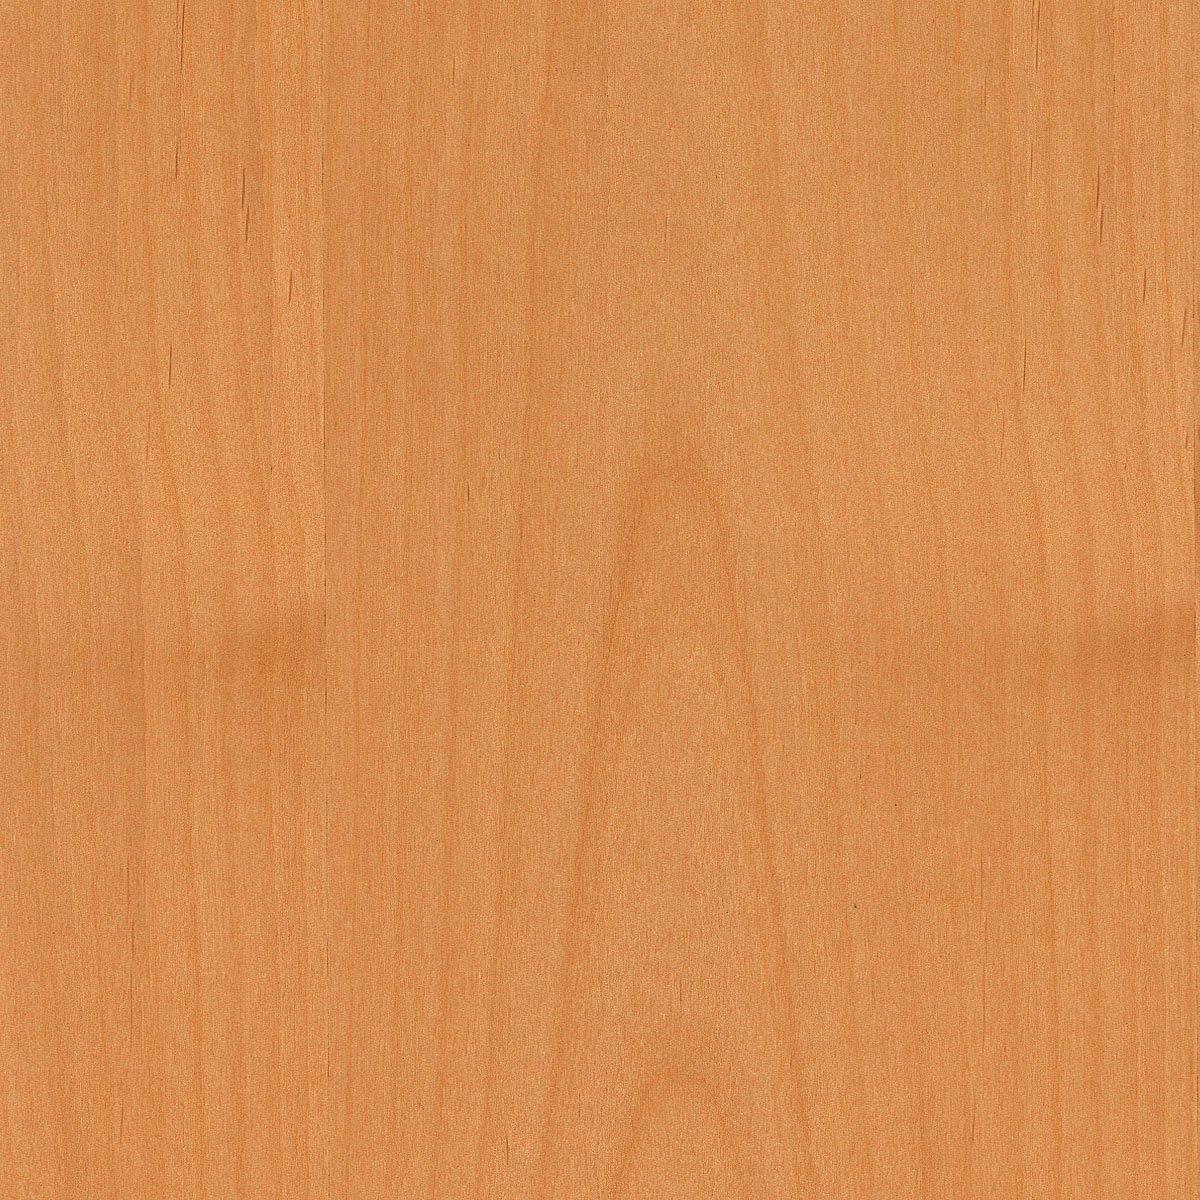 Alder Wood Veneer Clear 4X8 20 mil Sheet